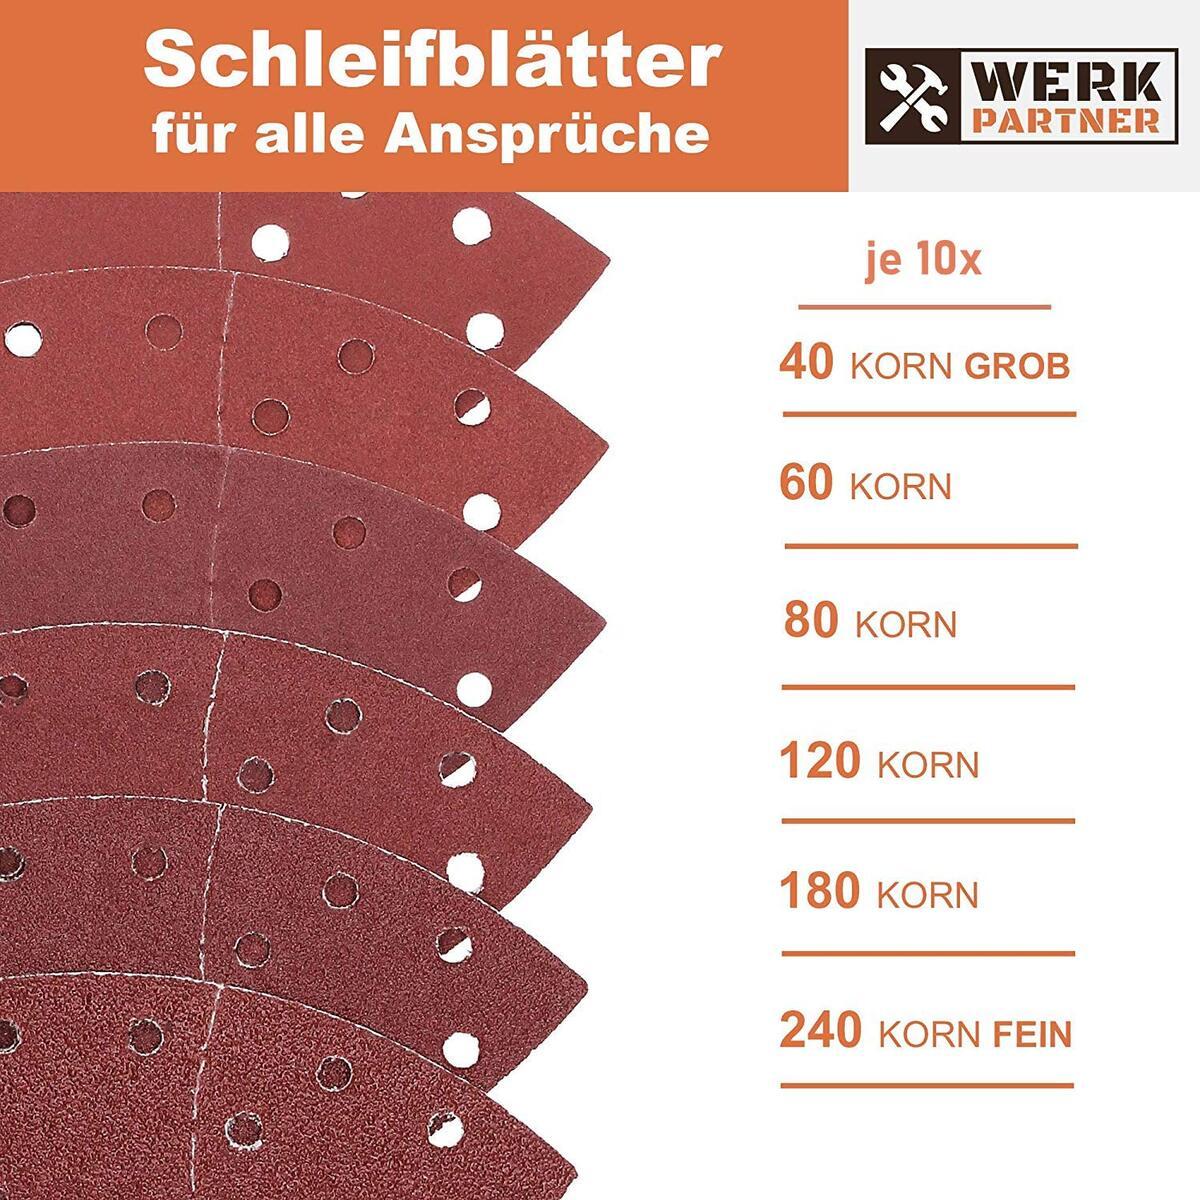 Bild 4 von Werk-Partner Dreieck Schleifscheiben 105x152mm - 60er Set Deltaschleifer Schleifpapier Klett für Holz, Kunststoff, Gips - je 10 x Körnung 40/60/80/120/180/240 für Deltaschleifer & Multischleifer